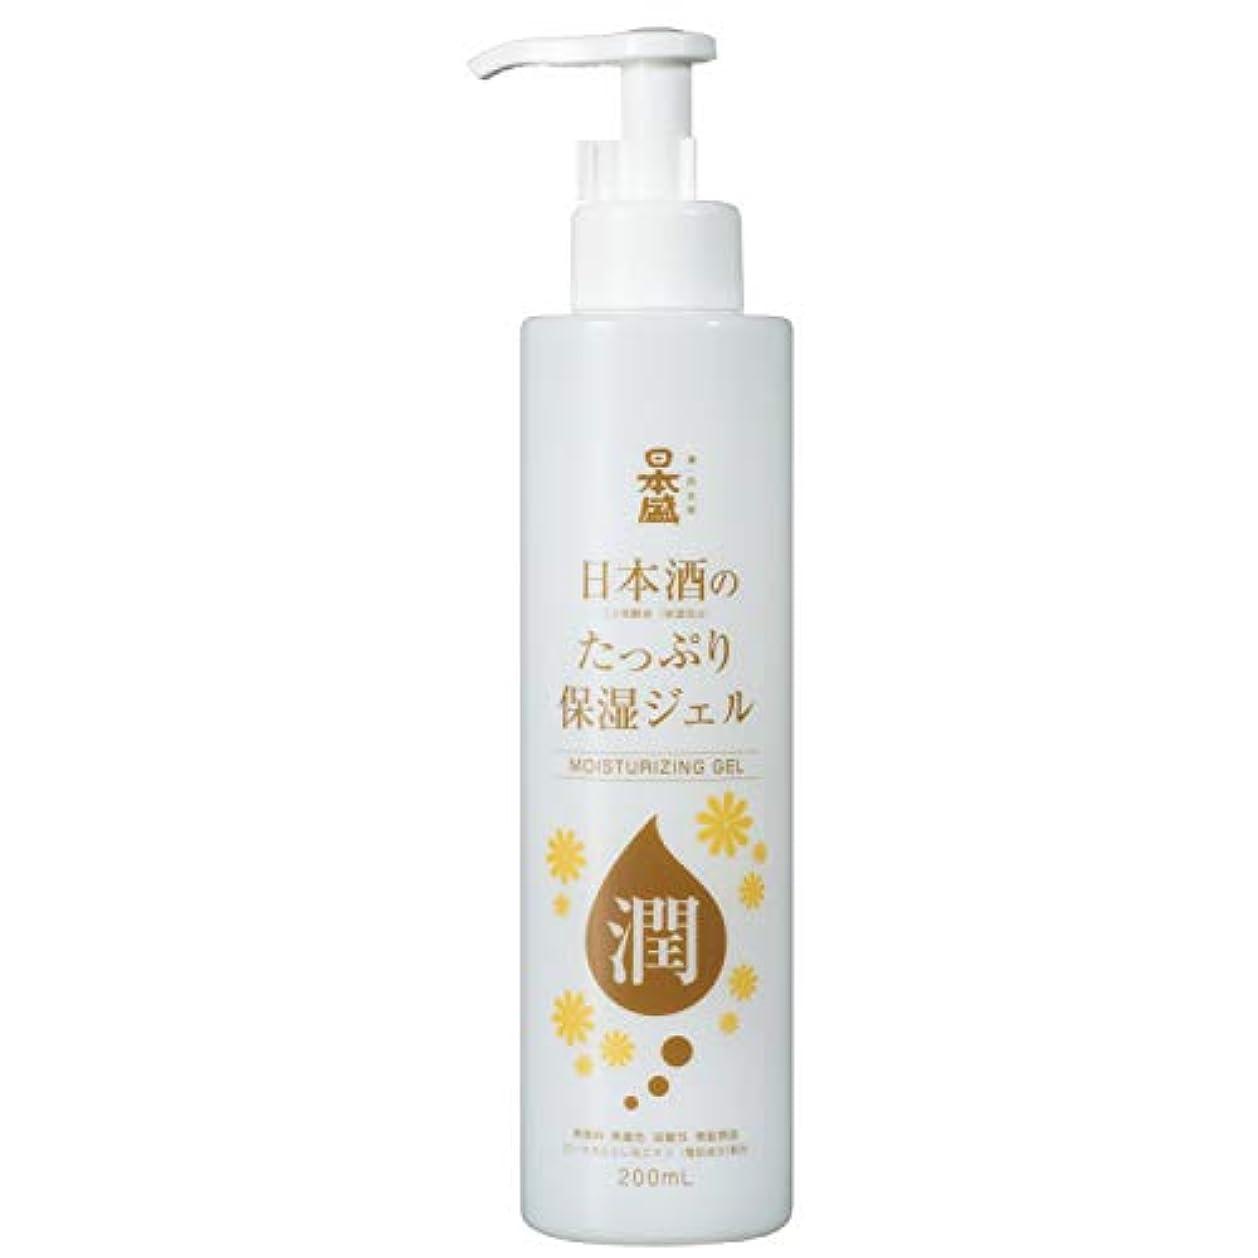 狐真鍮カイウス日本盛 日本酒のたっぷり保湿ジェル 200ml (無香料 無着色 純米酒)